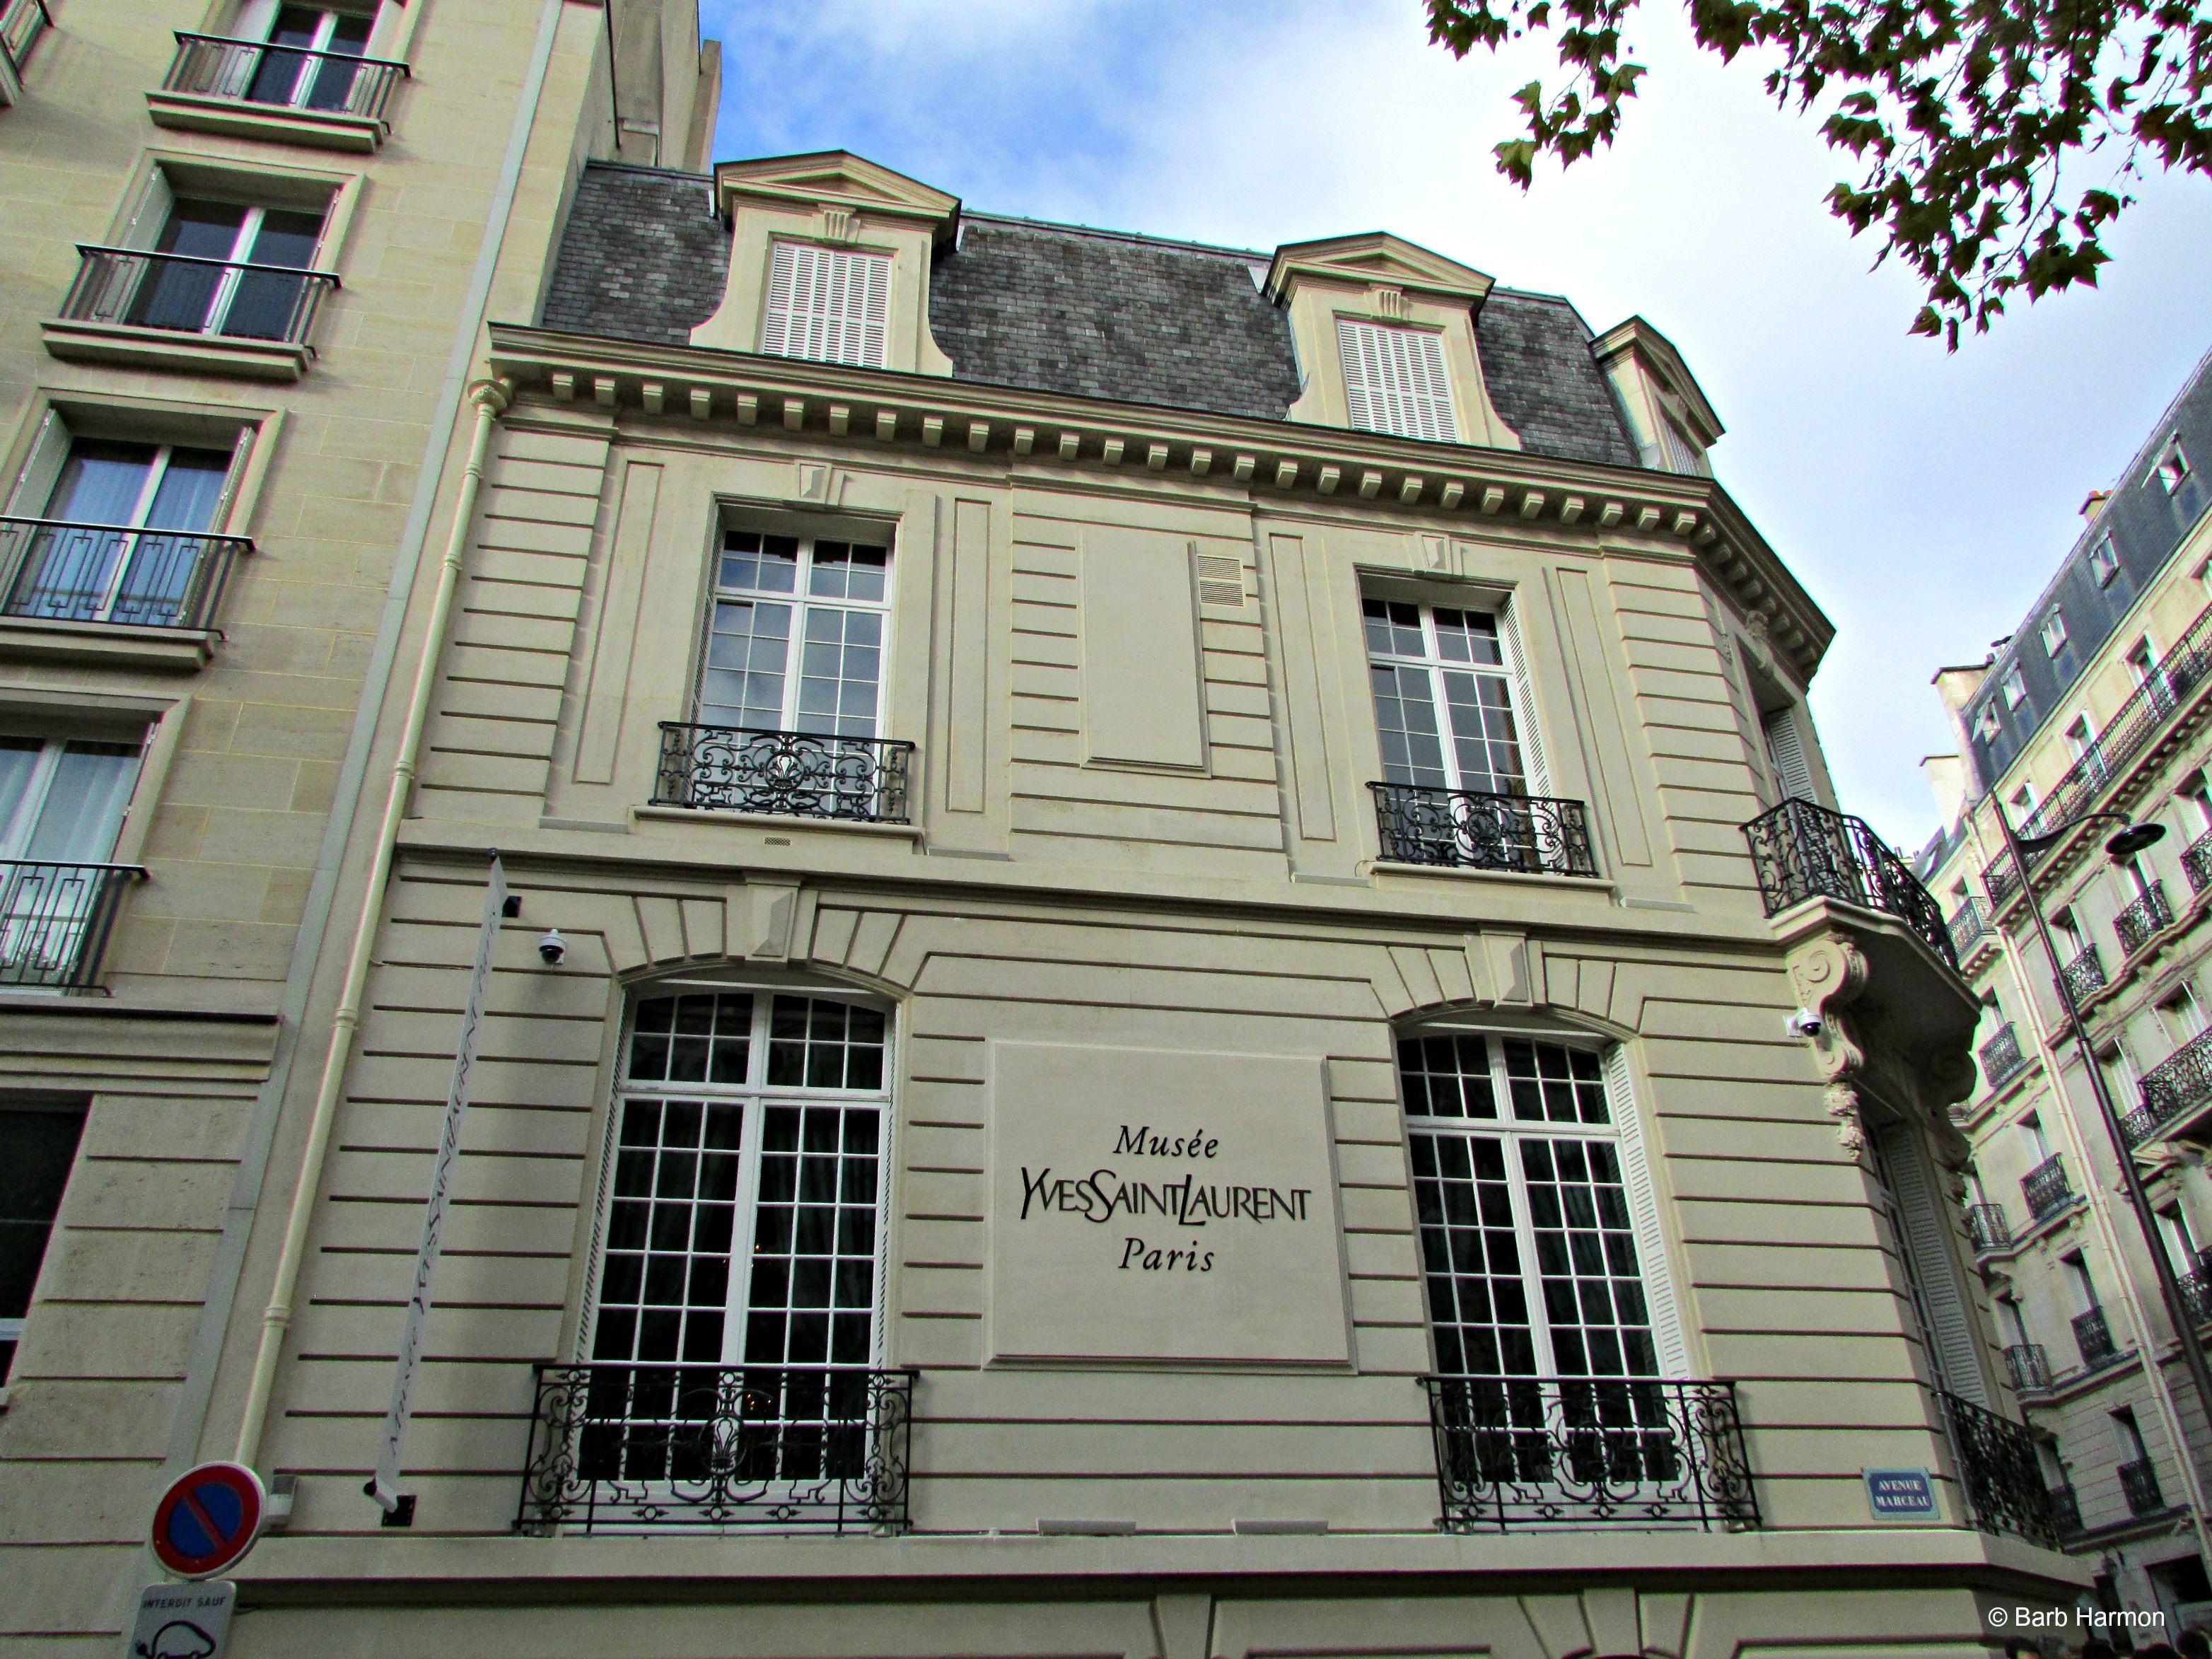 The gorgeous hôtel particulier where Yves Saint Laurent